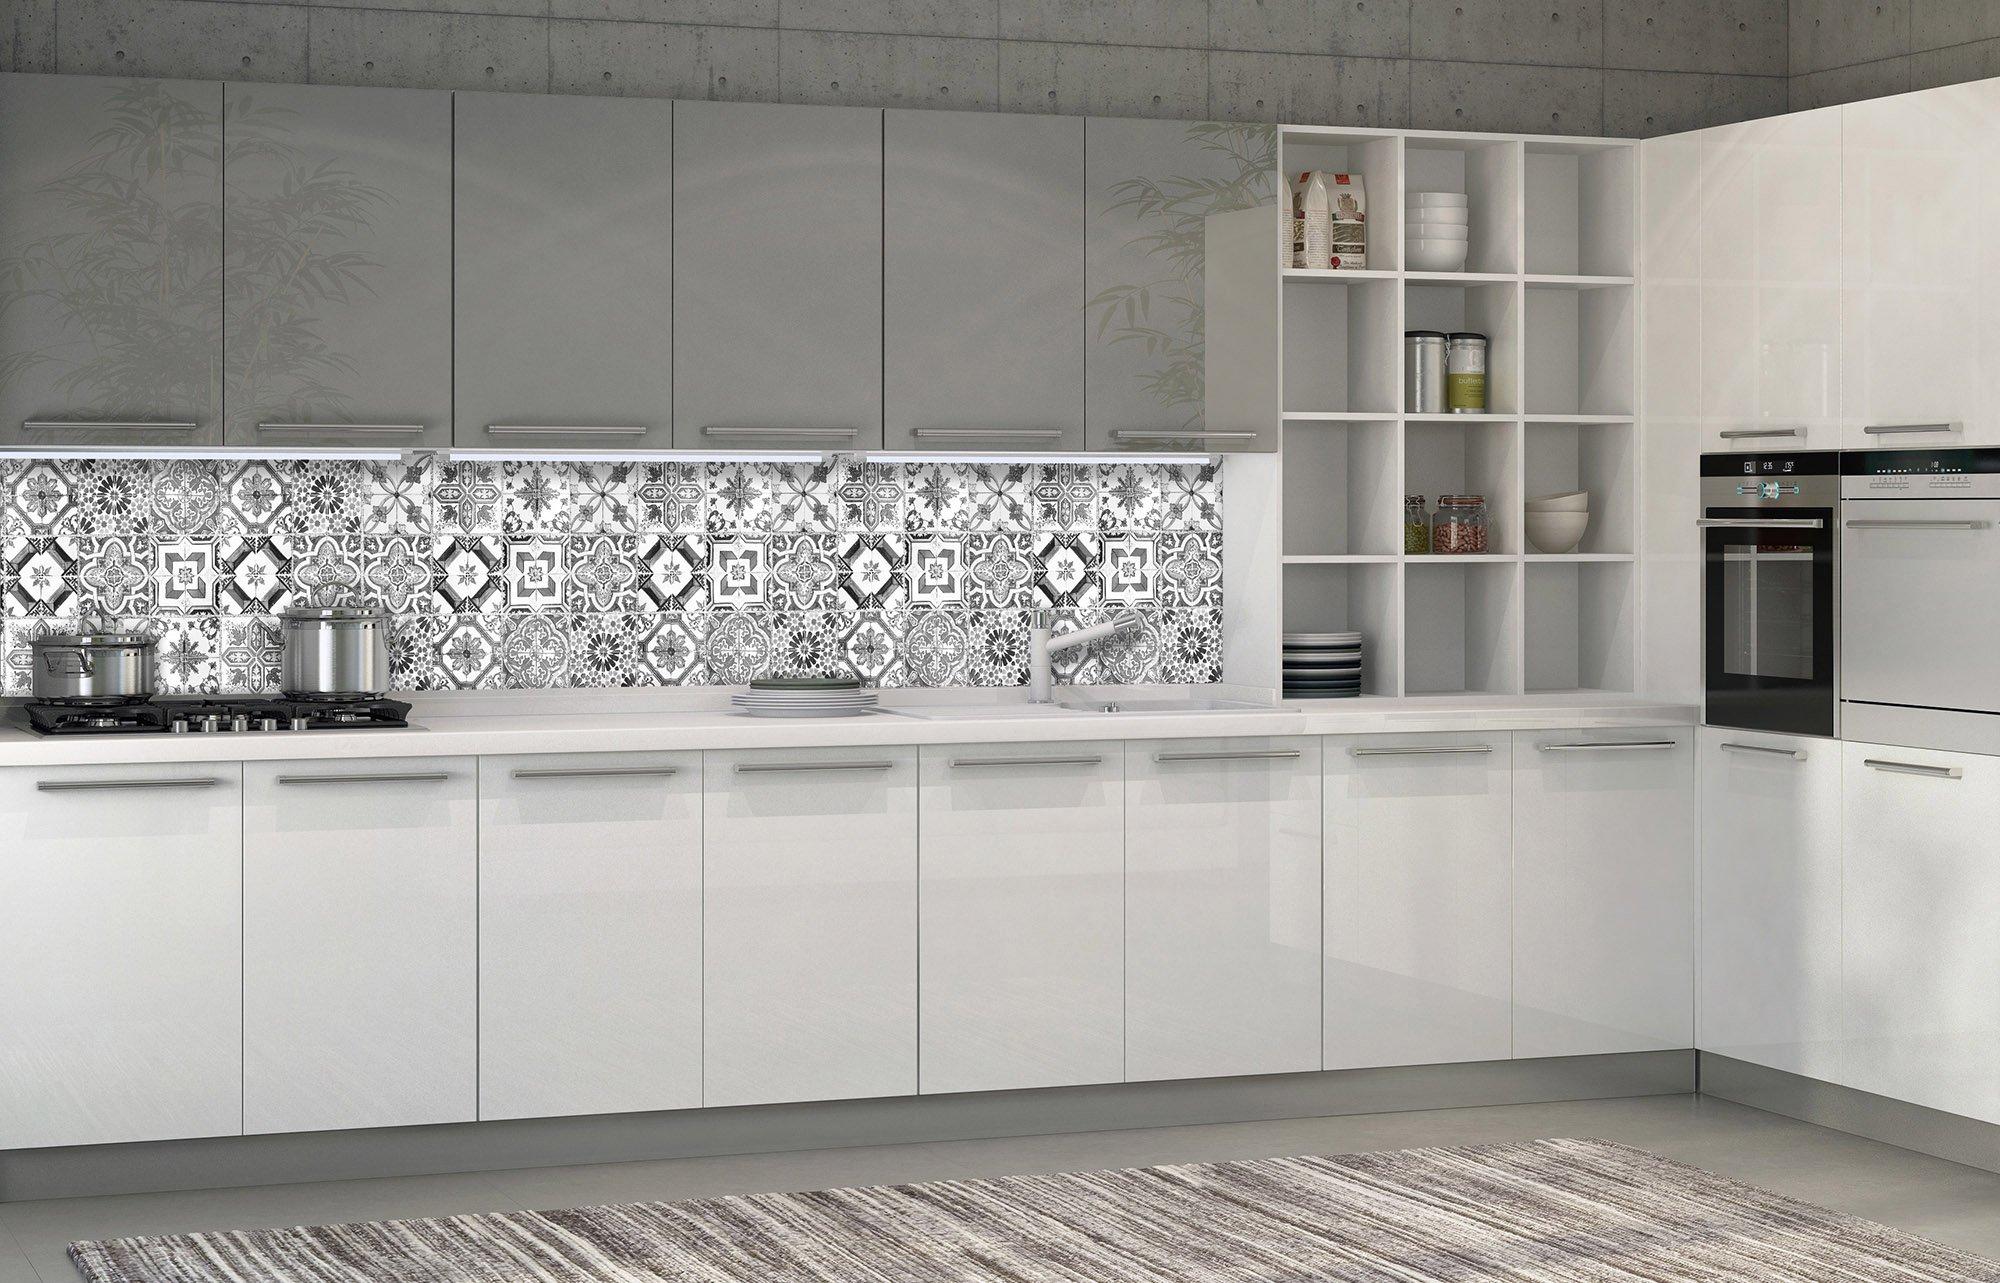 Küchen-Fototapete - Fliesenmuster schwarz-weiß